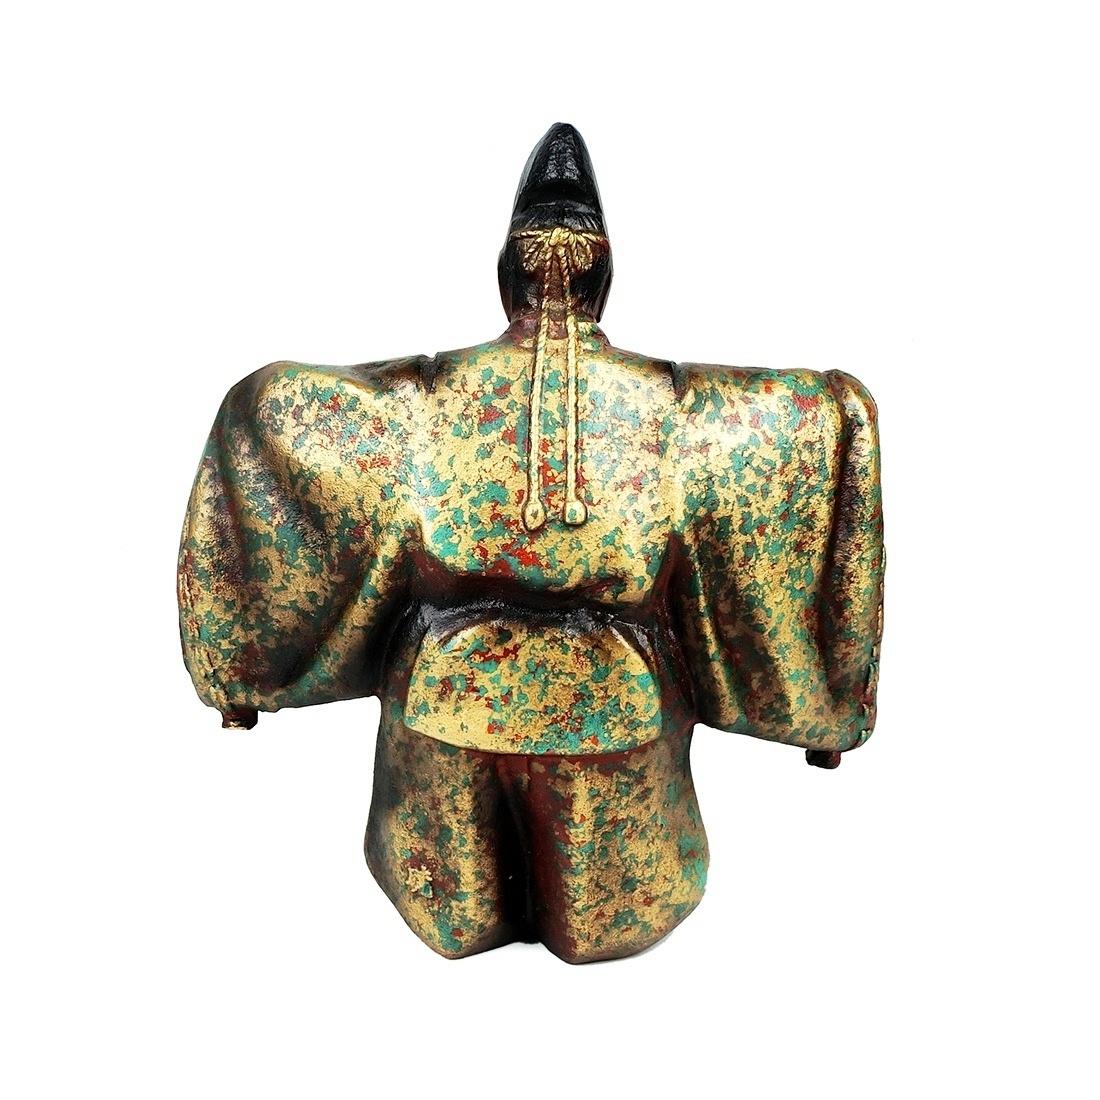 Tượng Sứ Nhật Hoàng Vẽ Vàng Cốt Nặng - Nhật - 513301